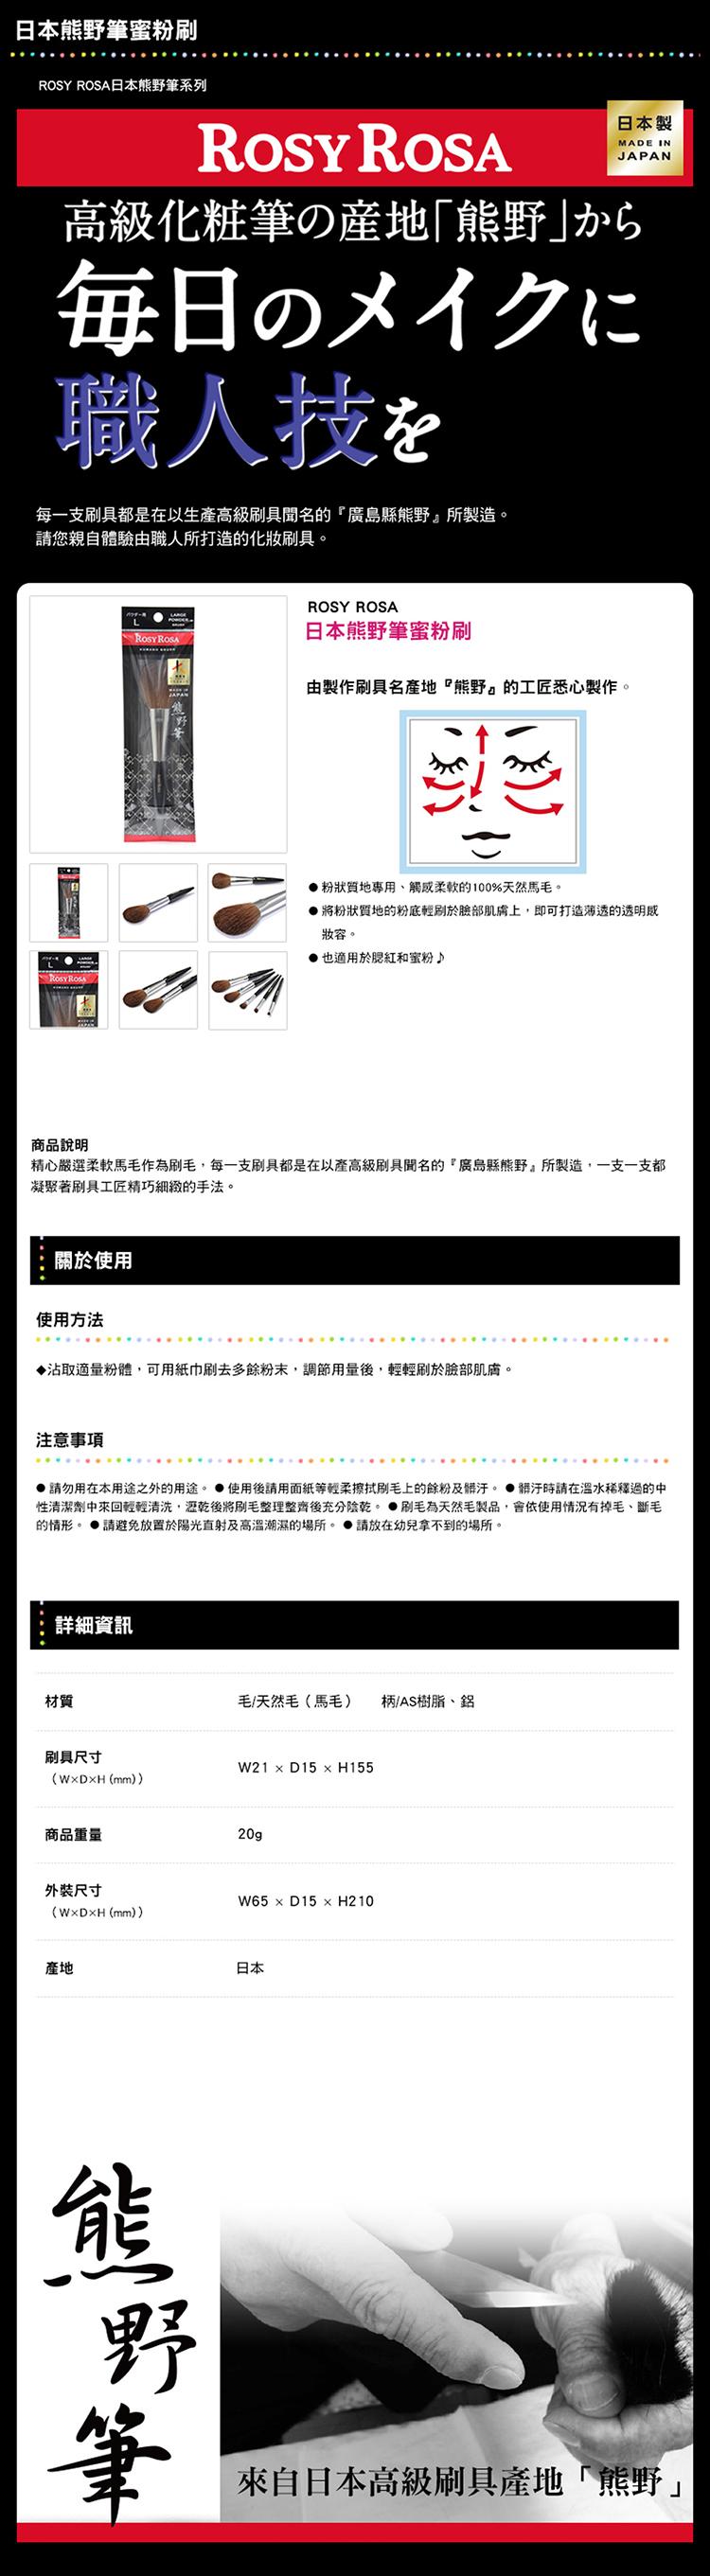 日本製》ROSY ROSA 日本熊野筆蜜粉刷| J.PALACE愛日貨- Rakuten樂天市場